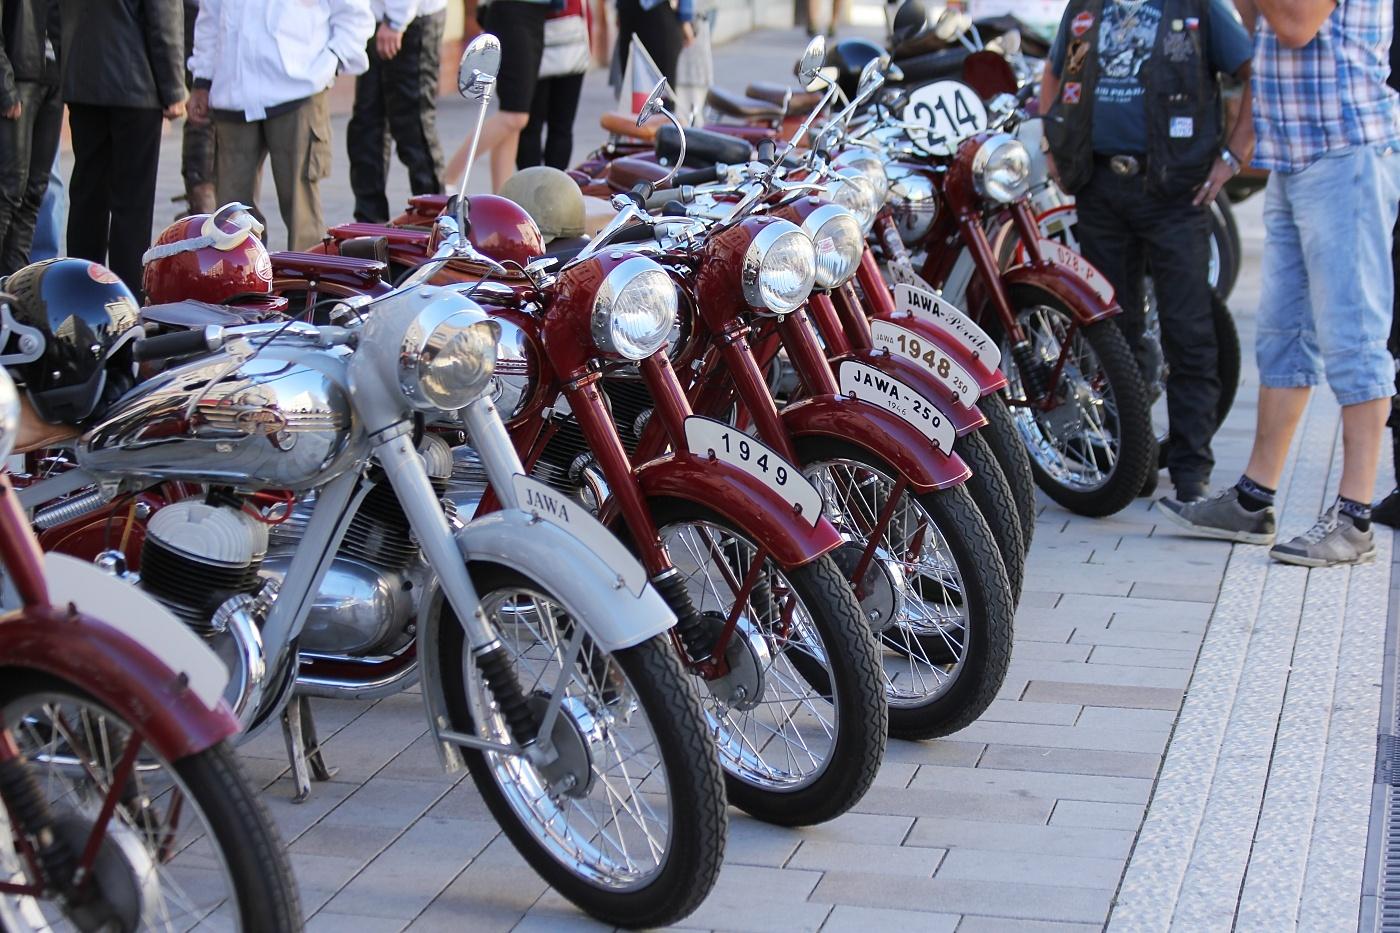 Motocykly Jawa Pérák stojí  na odiv všech přítomných